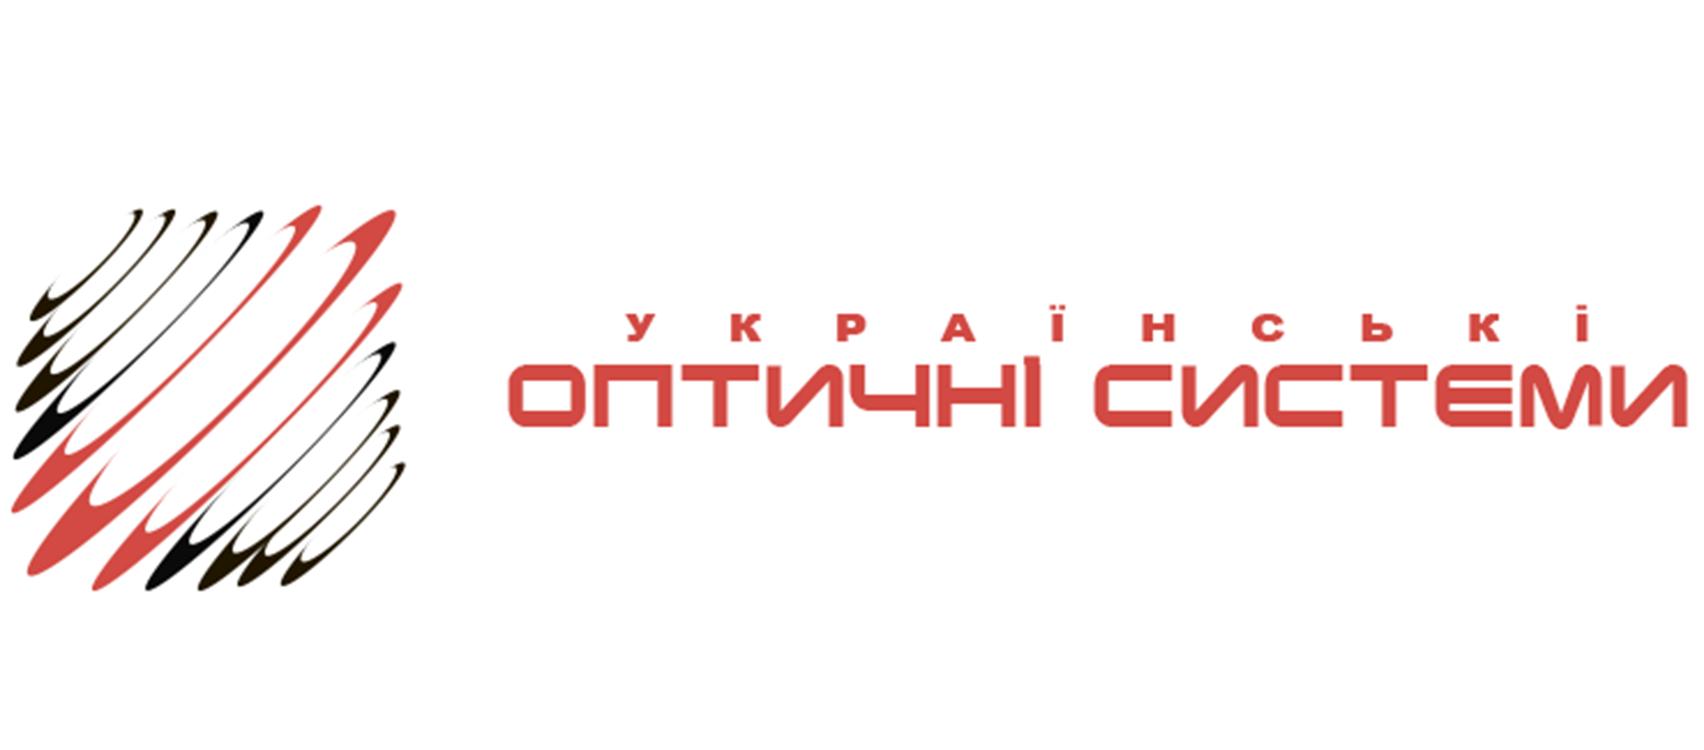 Українські Оптичні Системи